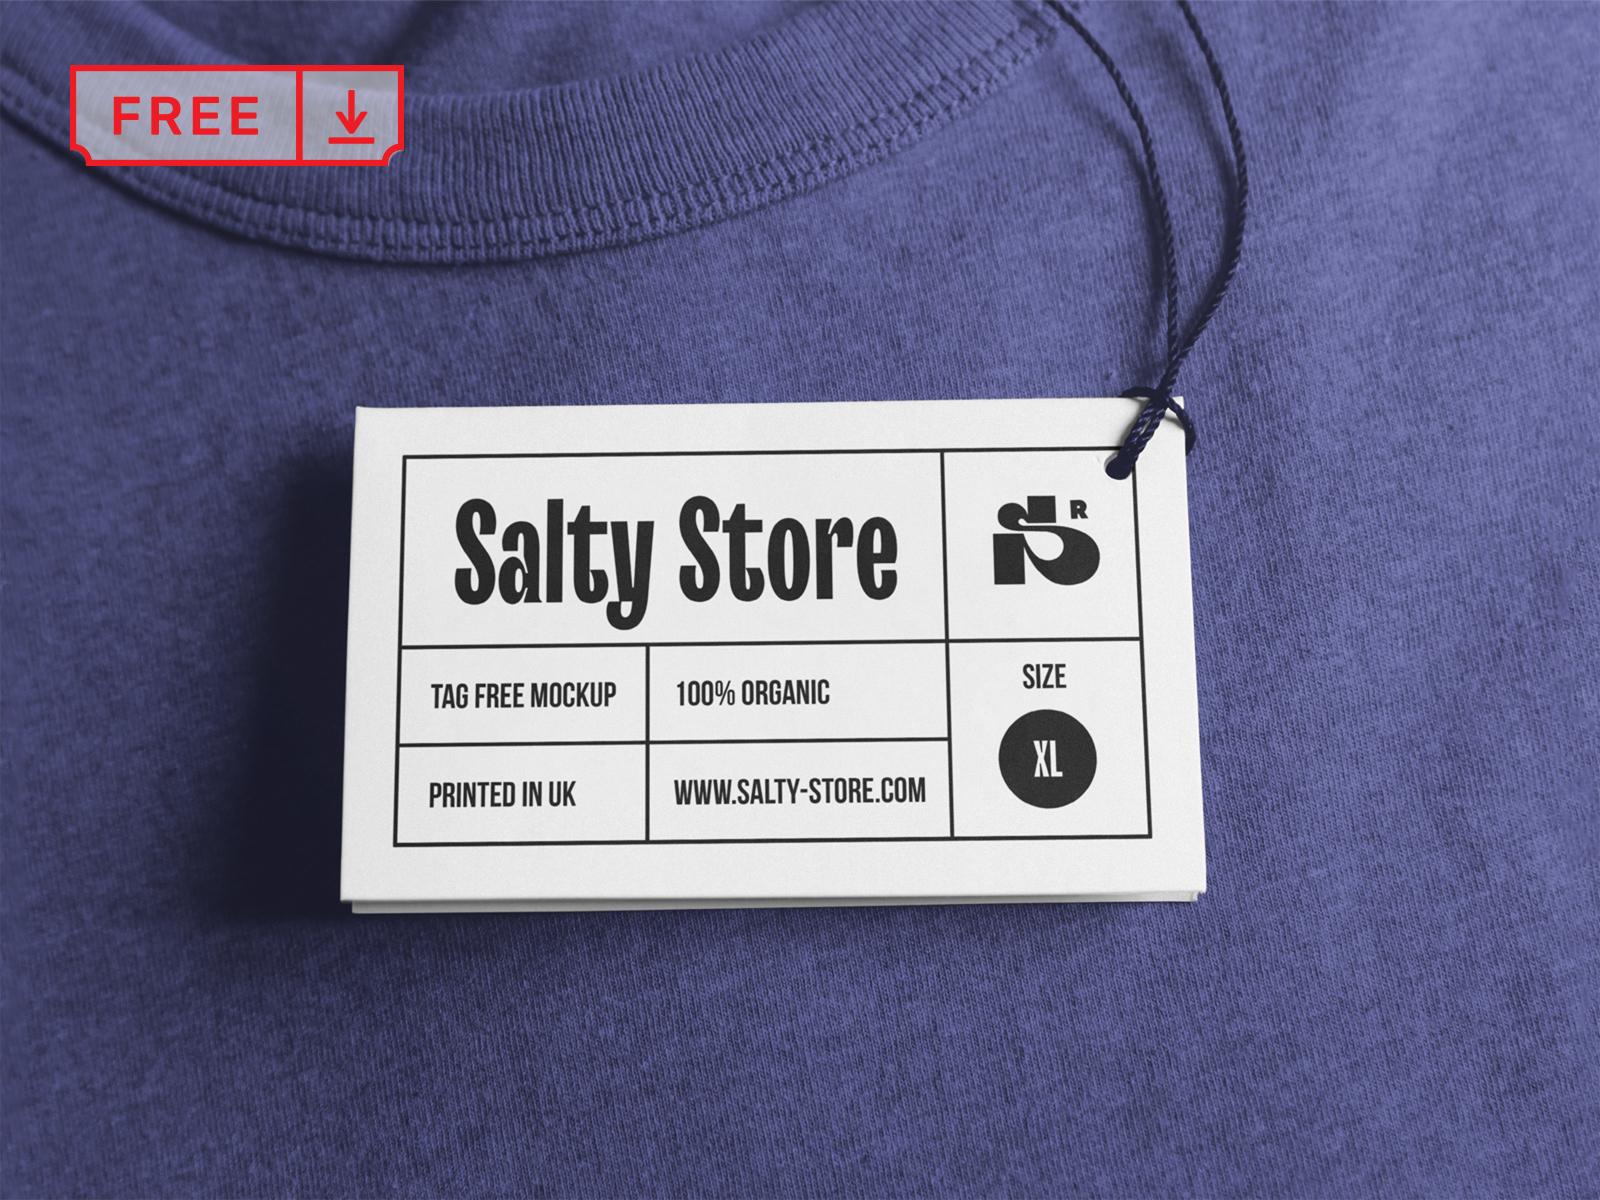 Free Clothing Tag Mockup